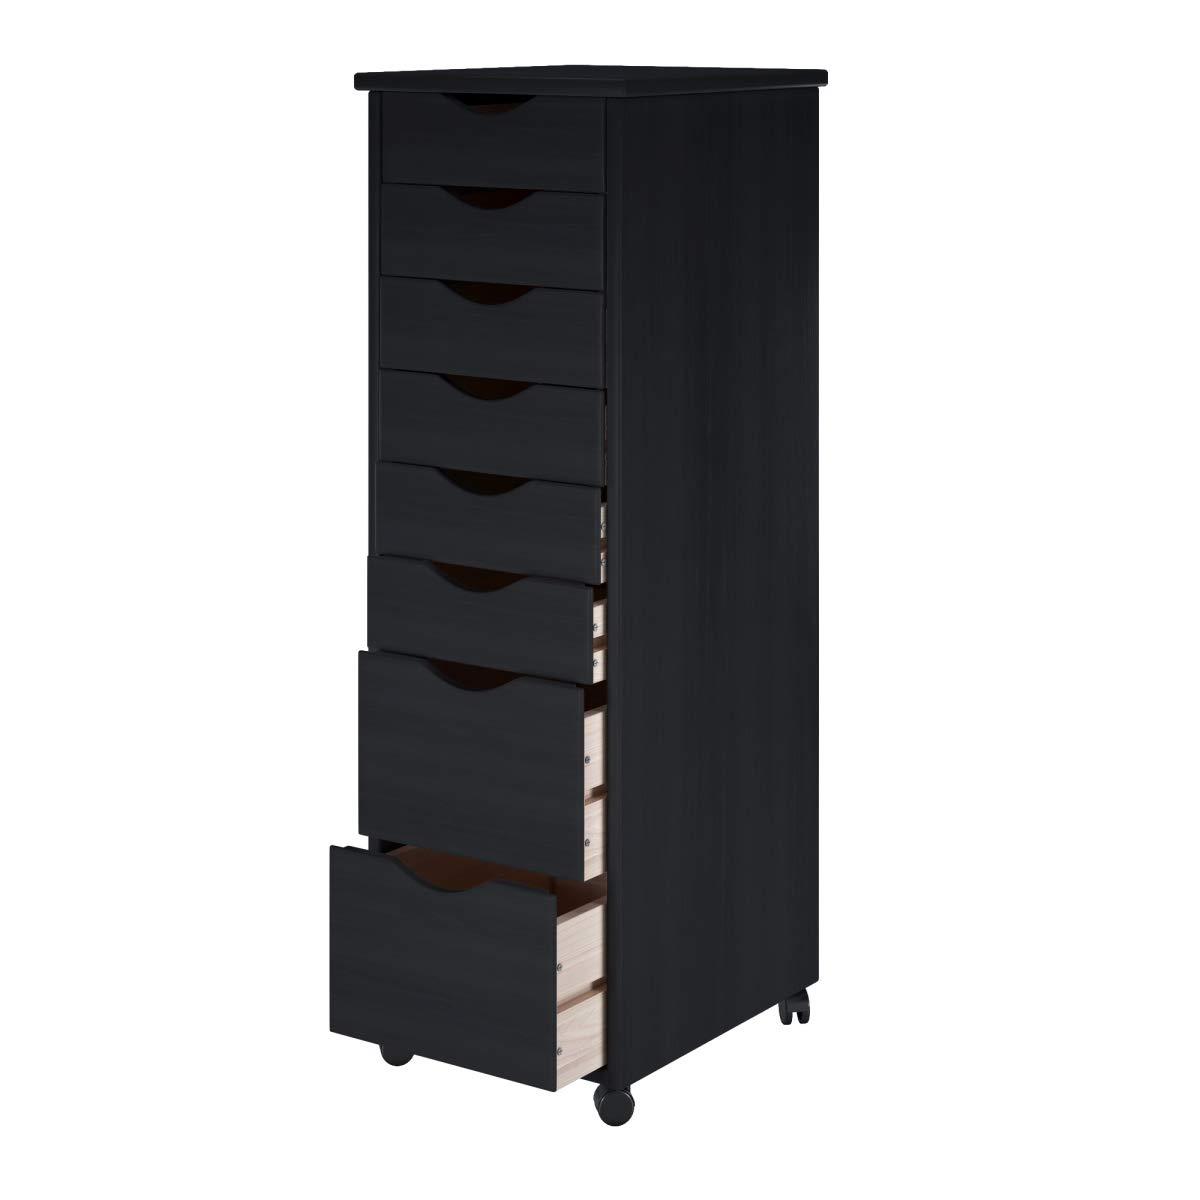 Adeptus USA 76171 8 x 11 in. 6 Plus 2 Drawer Roll Cart44; Black